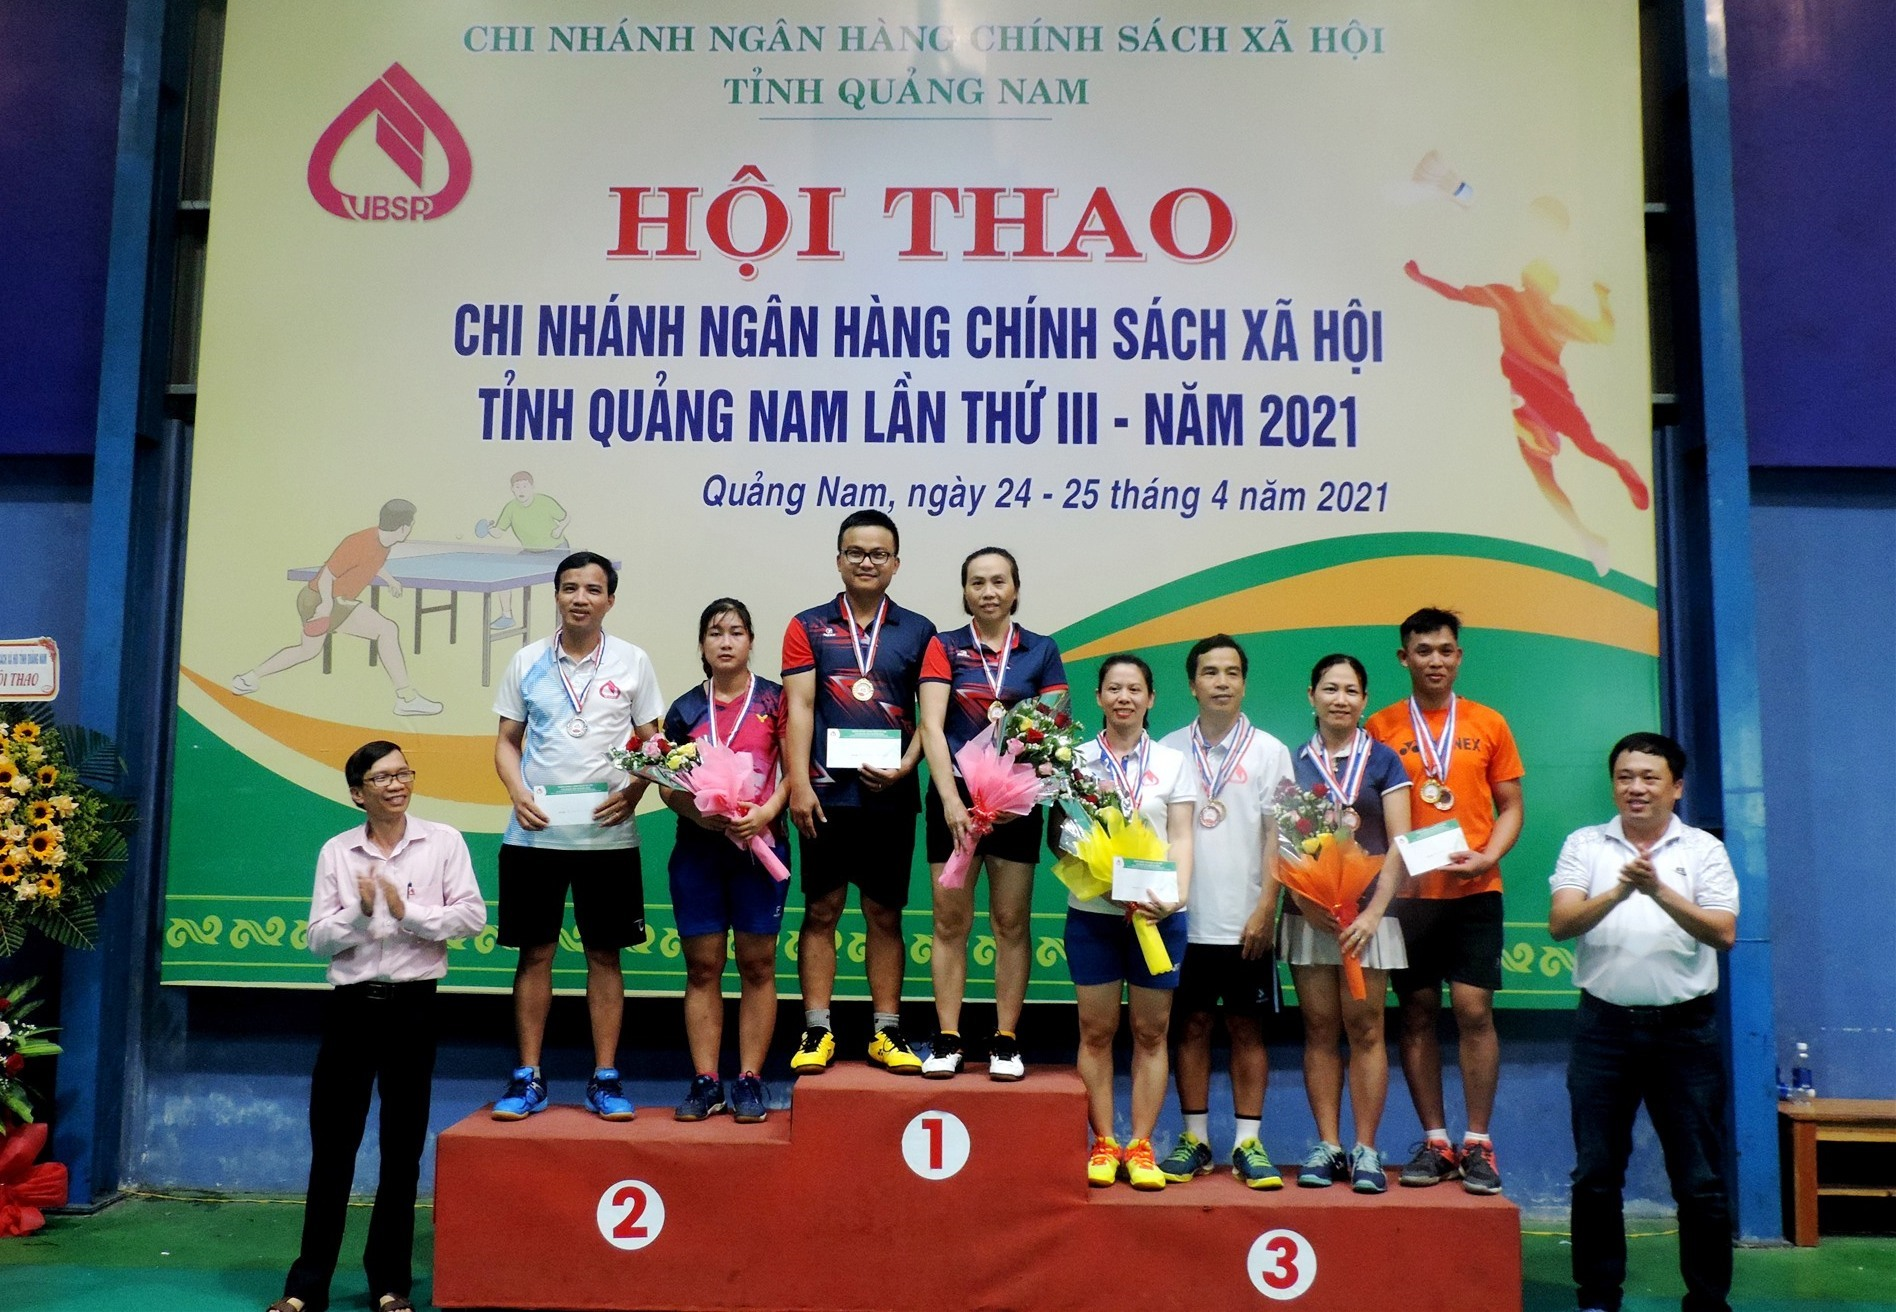 Ngân hàng CSXH chi nhánh Quảng Nam trao huy chương cho các vận động viên. Ảnh: VIỆT NGUYỄN